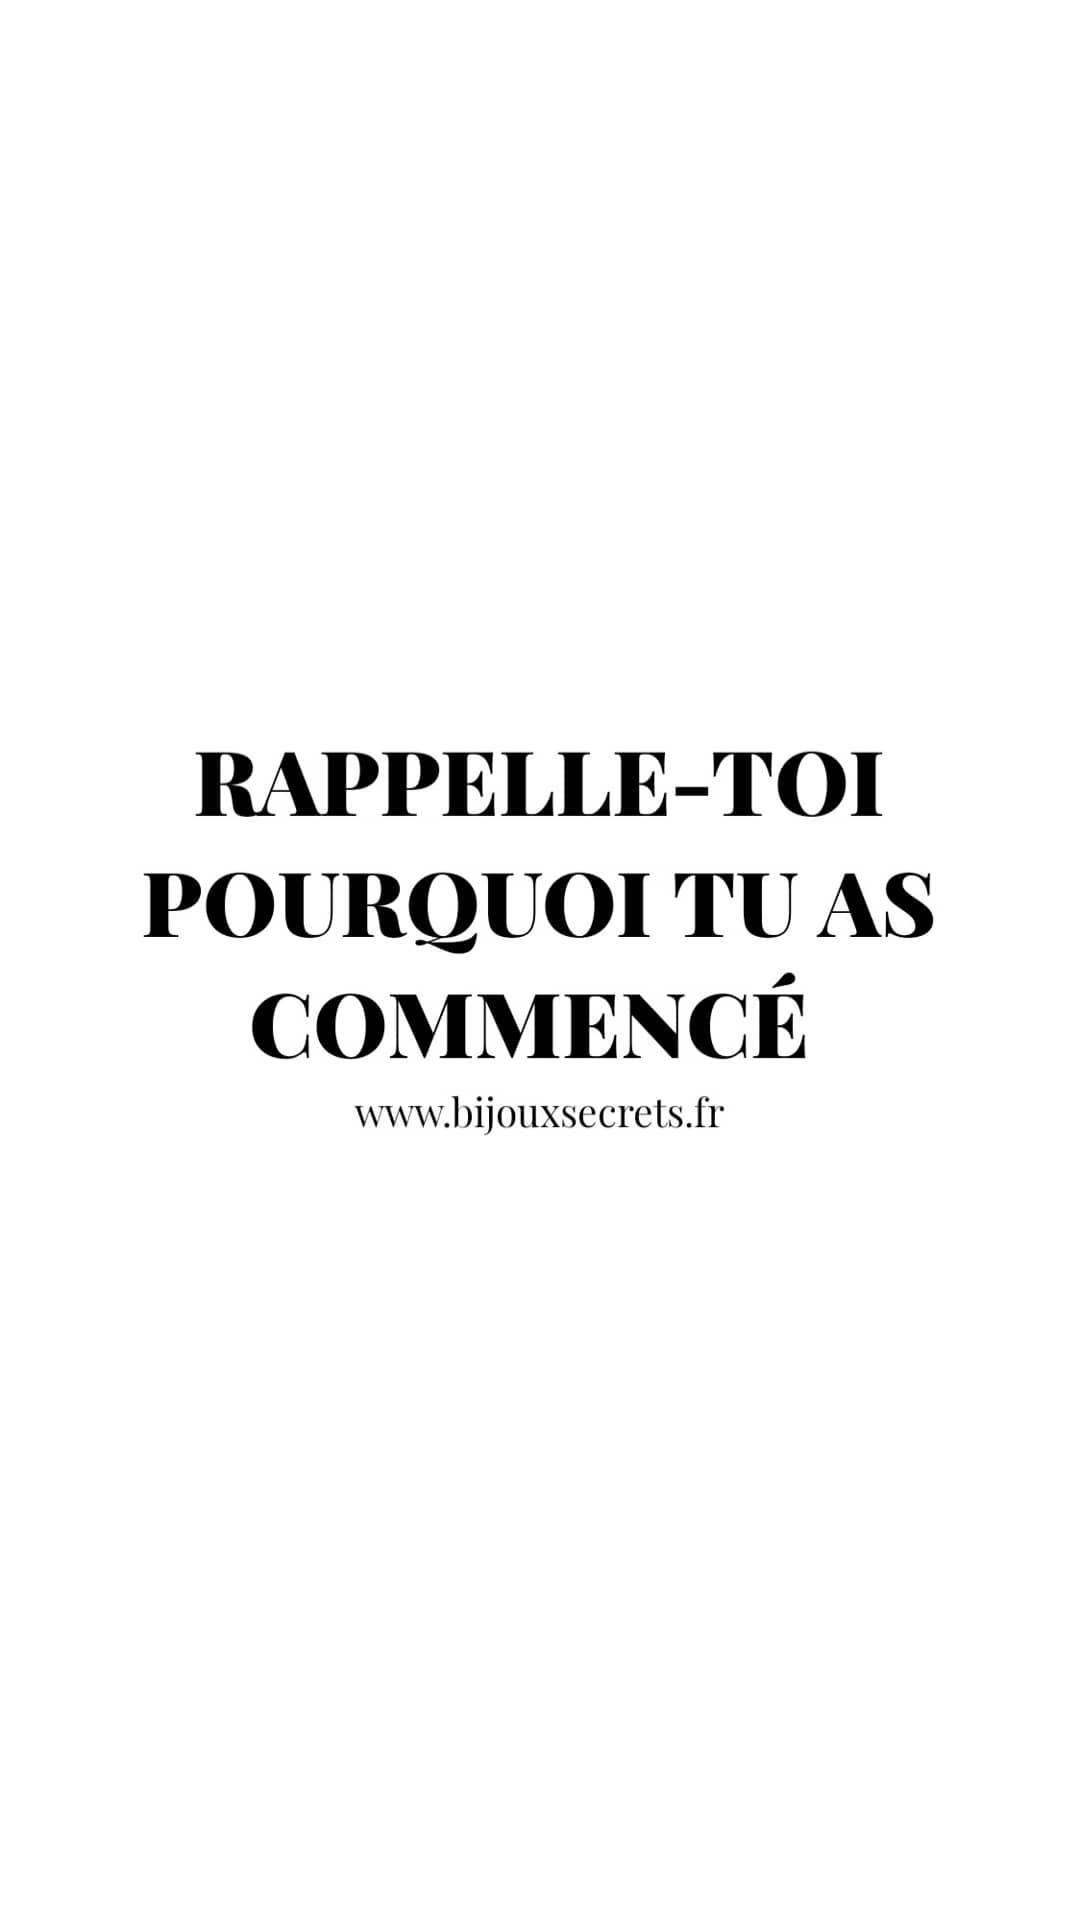 Rappelle Toi Pourquoi Tu As Commence Fond Ecran Blanc Fond D Ecran Citation Proverbe Motivation